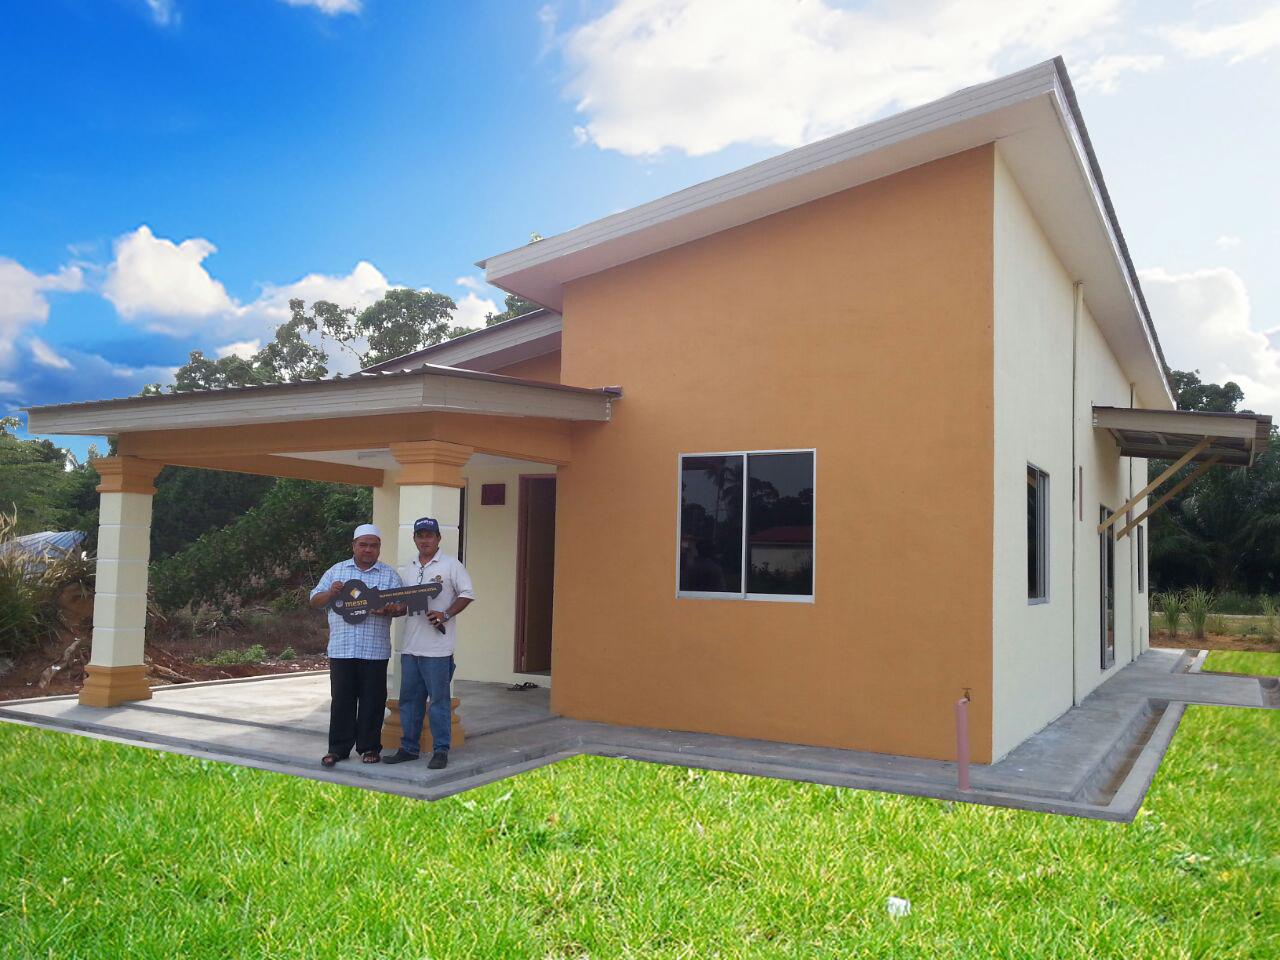 Hartanah Masa Kini Senarai Skim Perumahan Bantuan Kerajaan Untuk Membeli Rumah Pertama